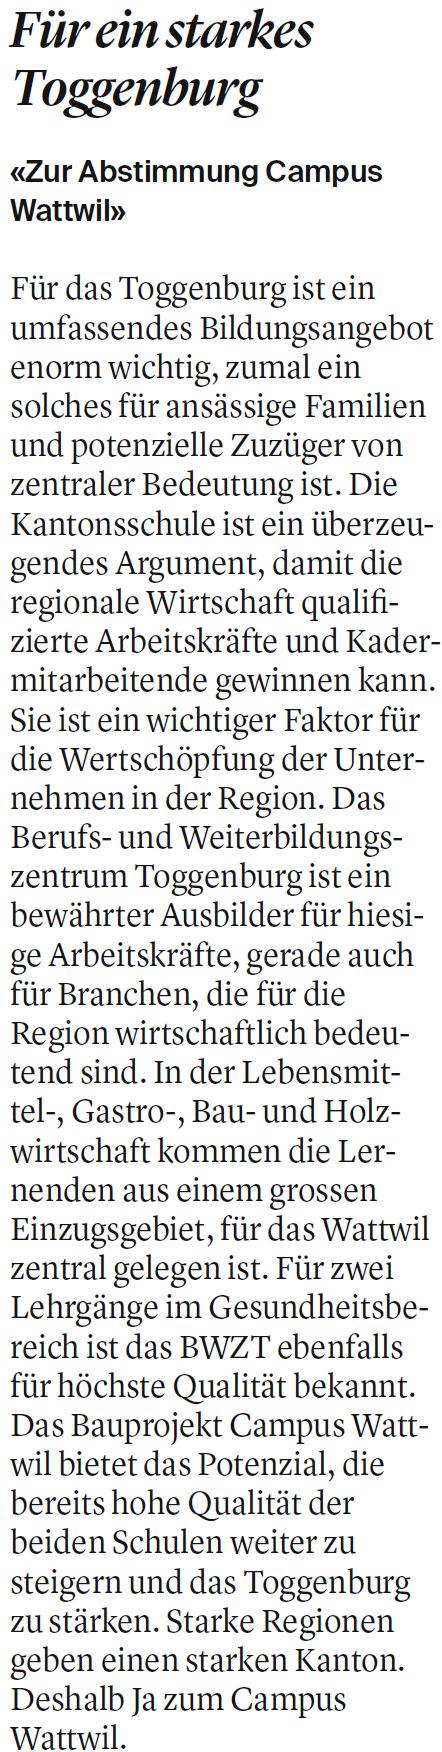 Leserbrief: Für ein starkes Toggenburg (Dienstag, 05.11.2019)